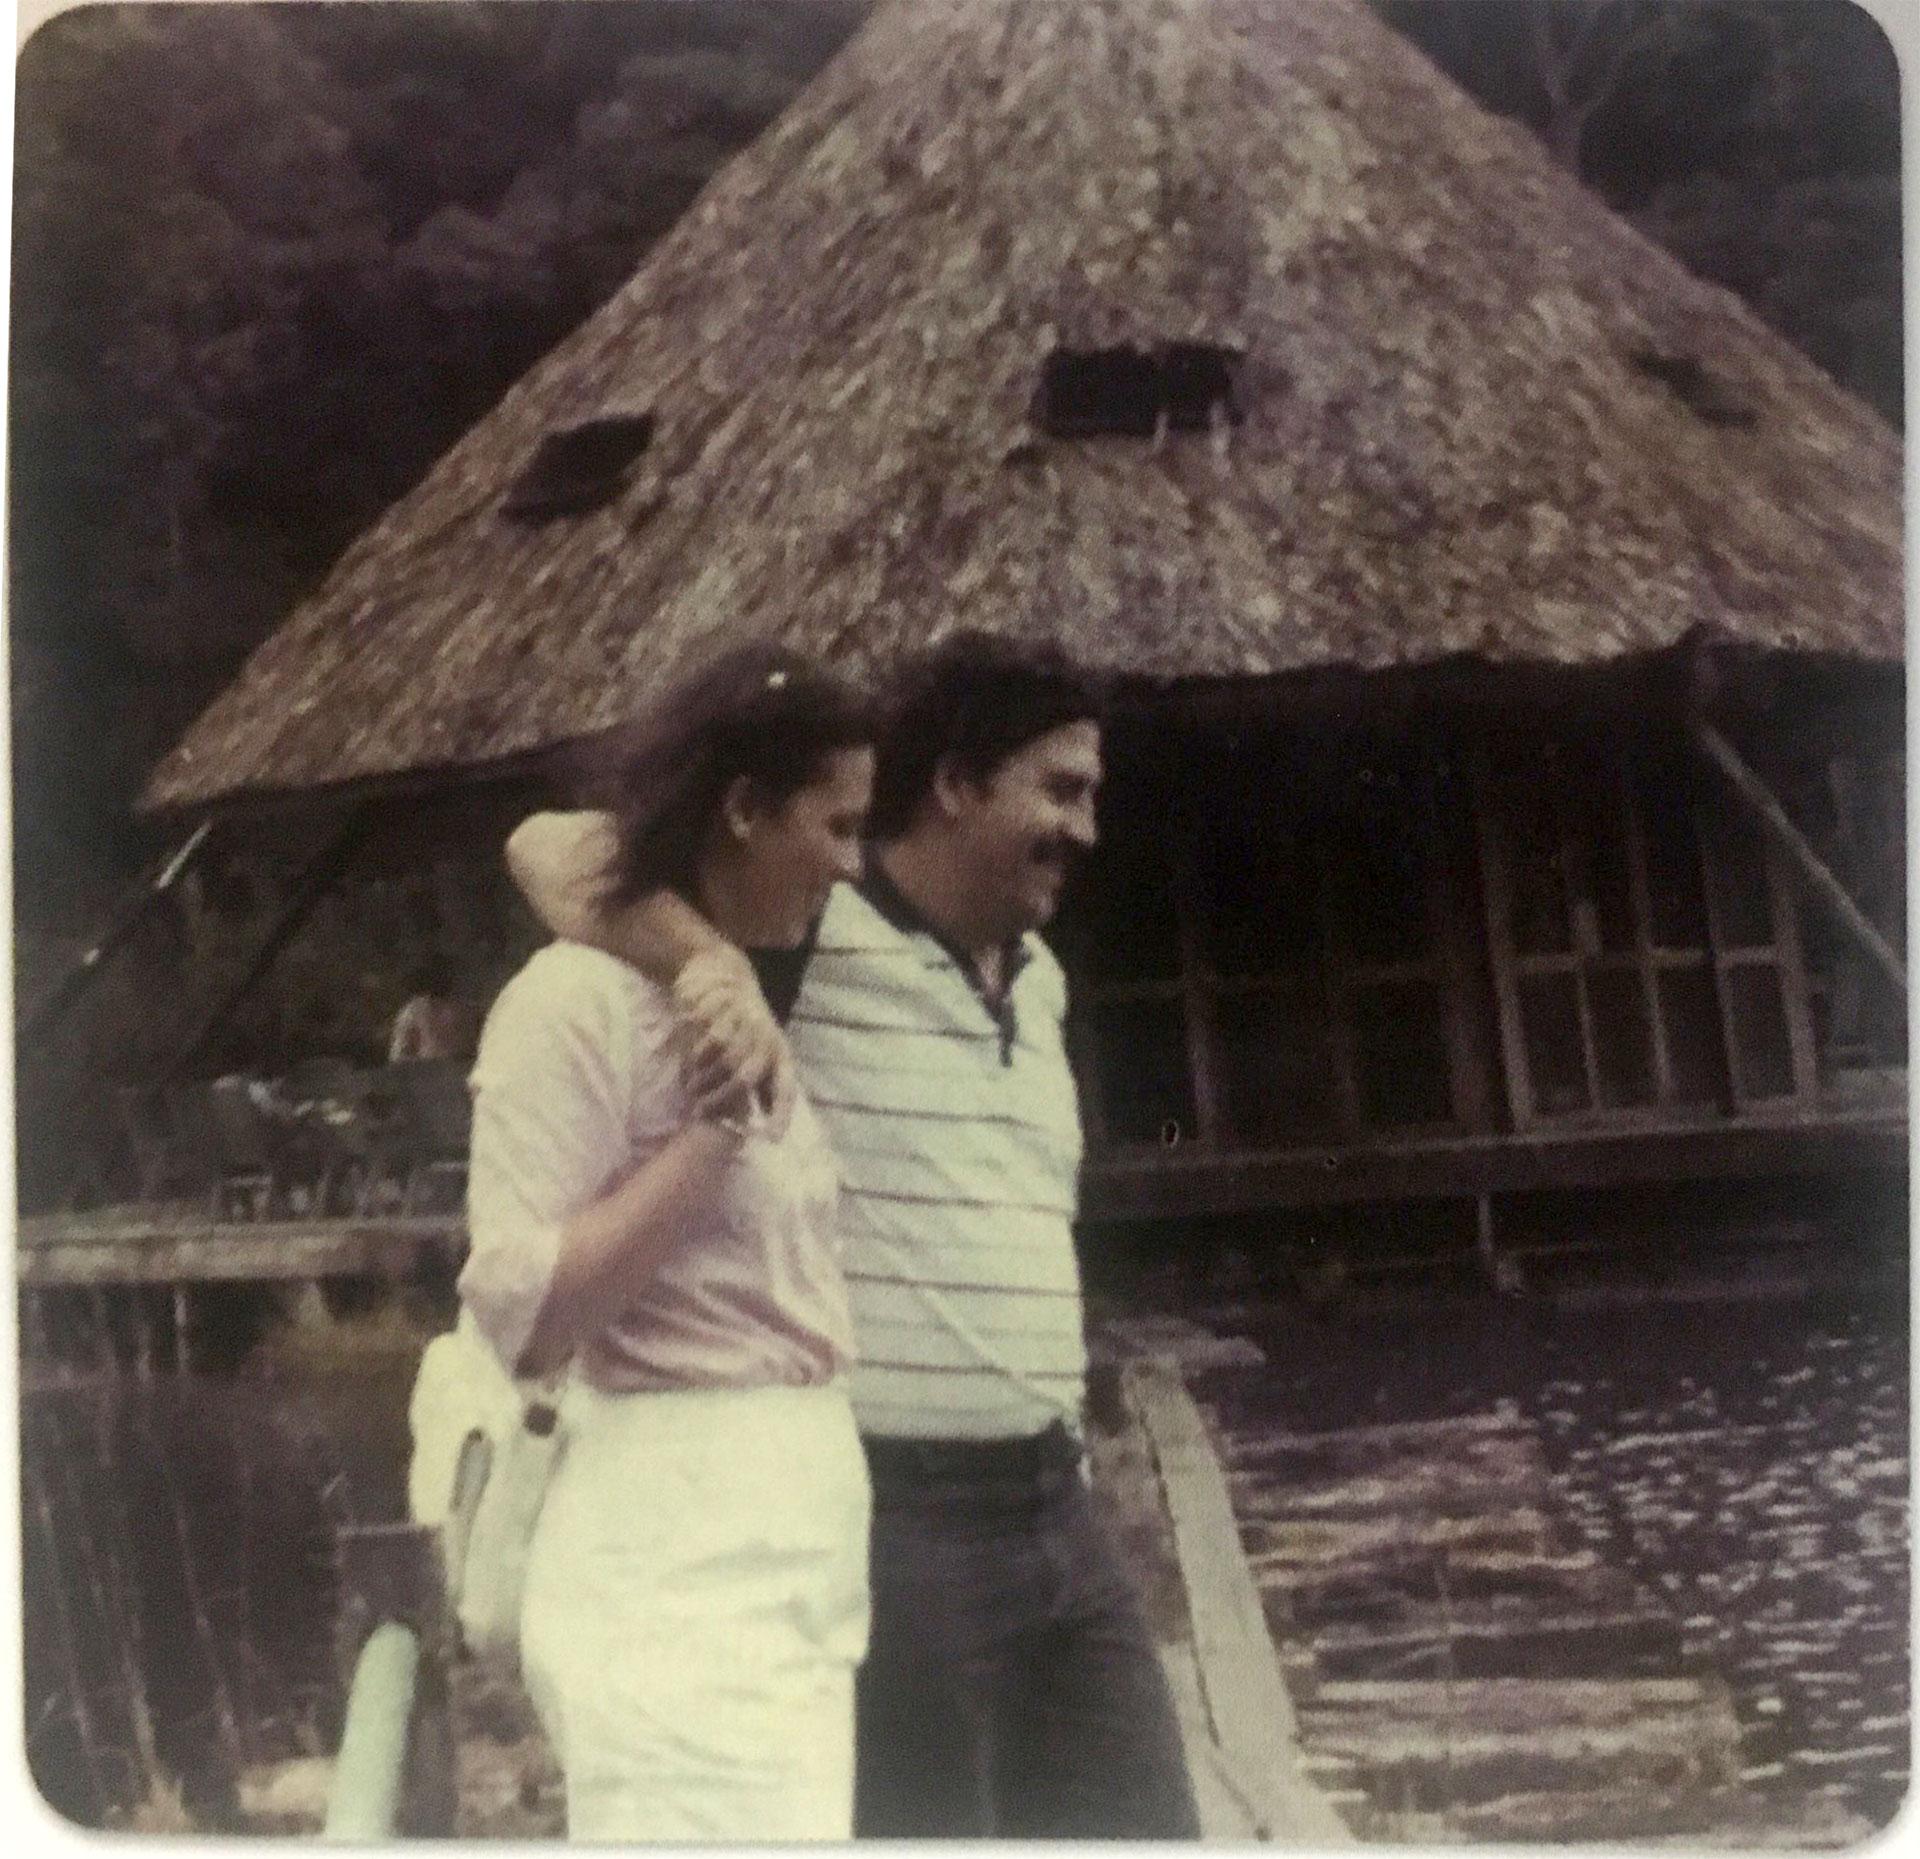 La Familia De Pablo Escobar En La Argentina Cambiaron Sus Nombres Inventaron Una Vida Basada En Una Telenovela Y Terminaron Presos Infobae